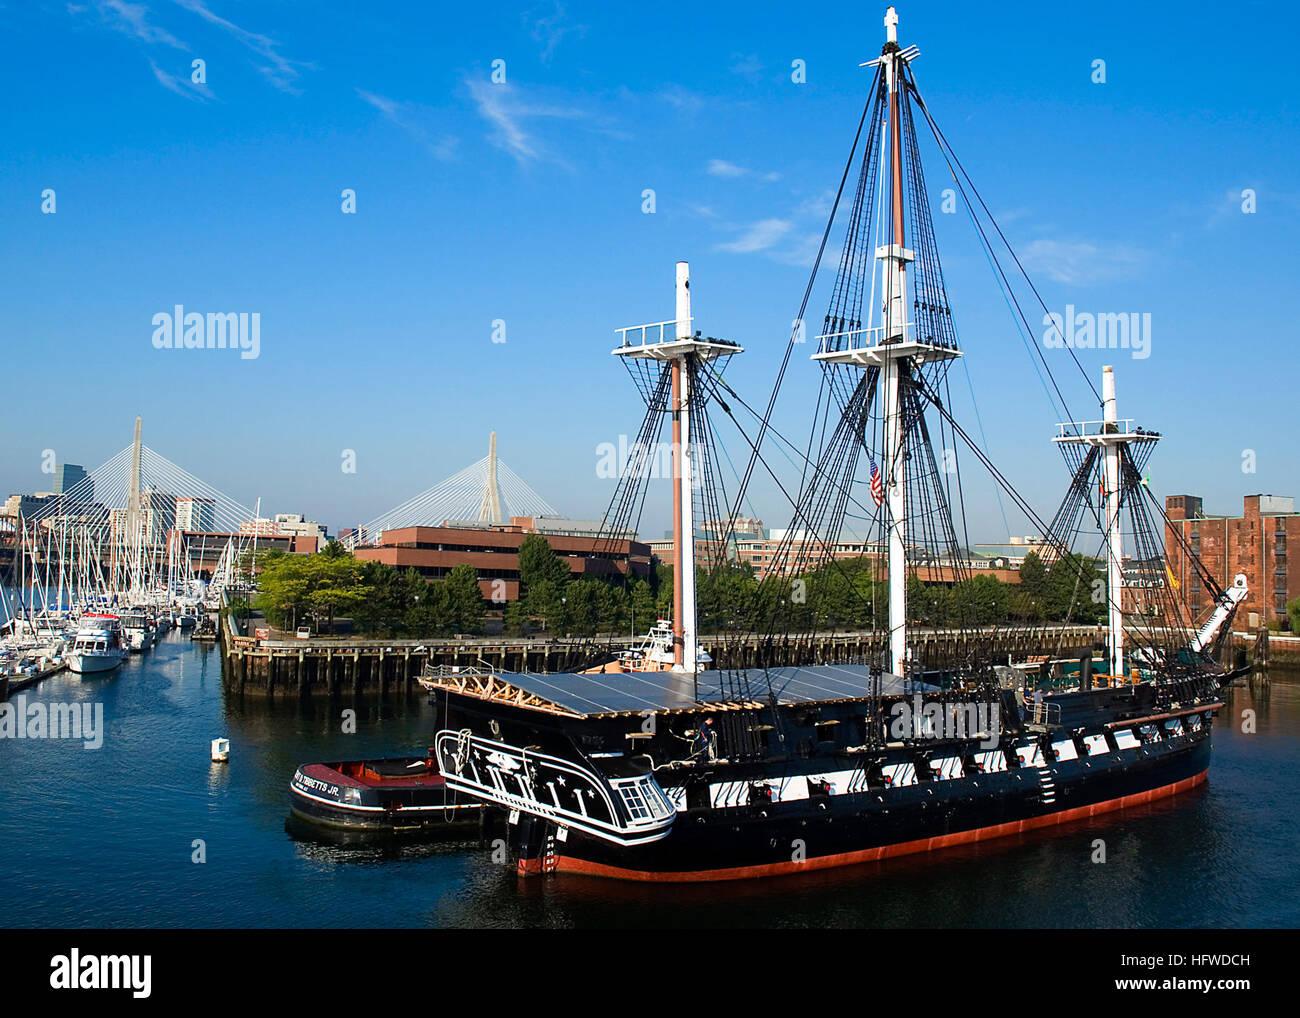 080904-N-0167W-034 al puerto de Boston, Massachusetts (Sept. 4, 2008) USS Constitution es asistido por remolcadores Imagen De Stock